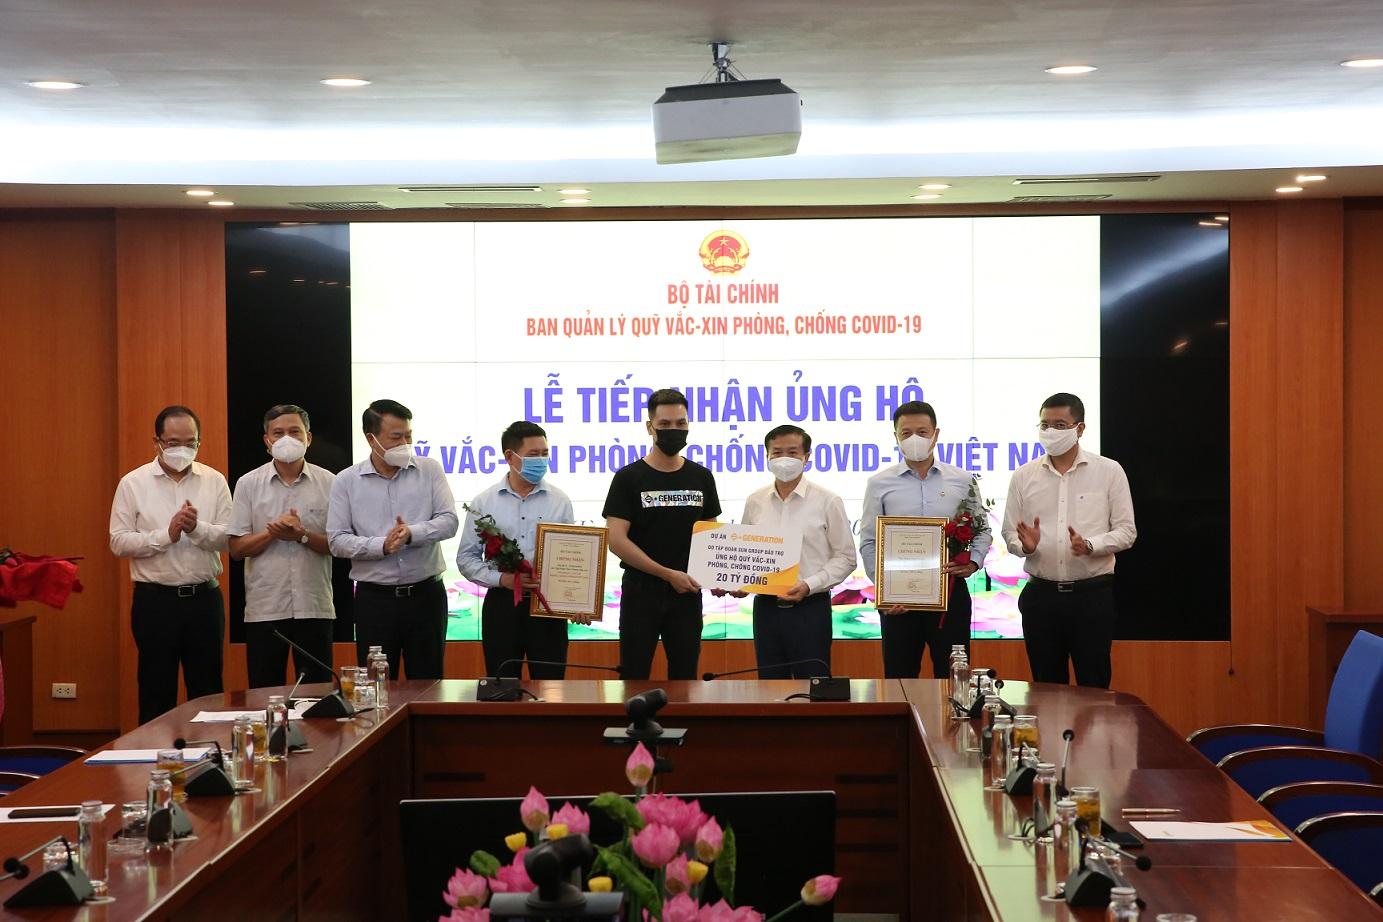 Đại diện Dự án cộng đồng Thế hệ S trao tặng 20 tỷ đồng cho Quỹ vaccine phòng chống Covid-19, hiều 11/6 tại Hà Nội.